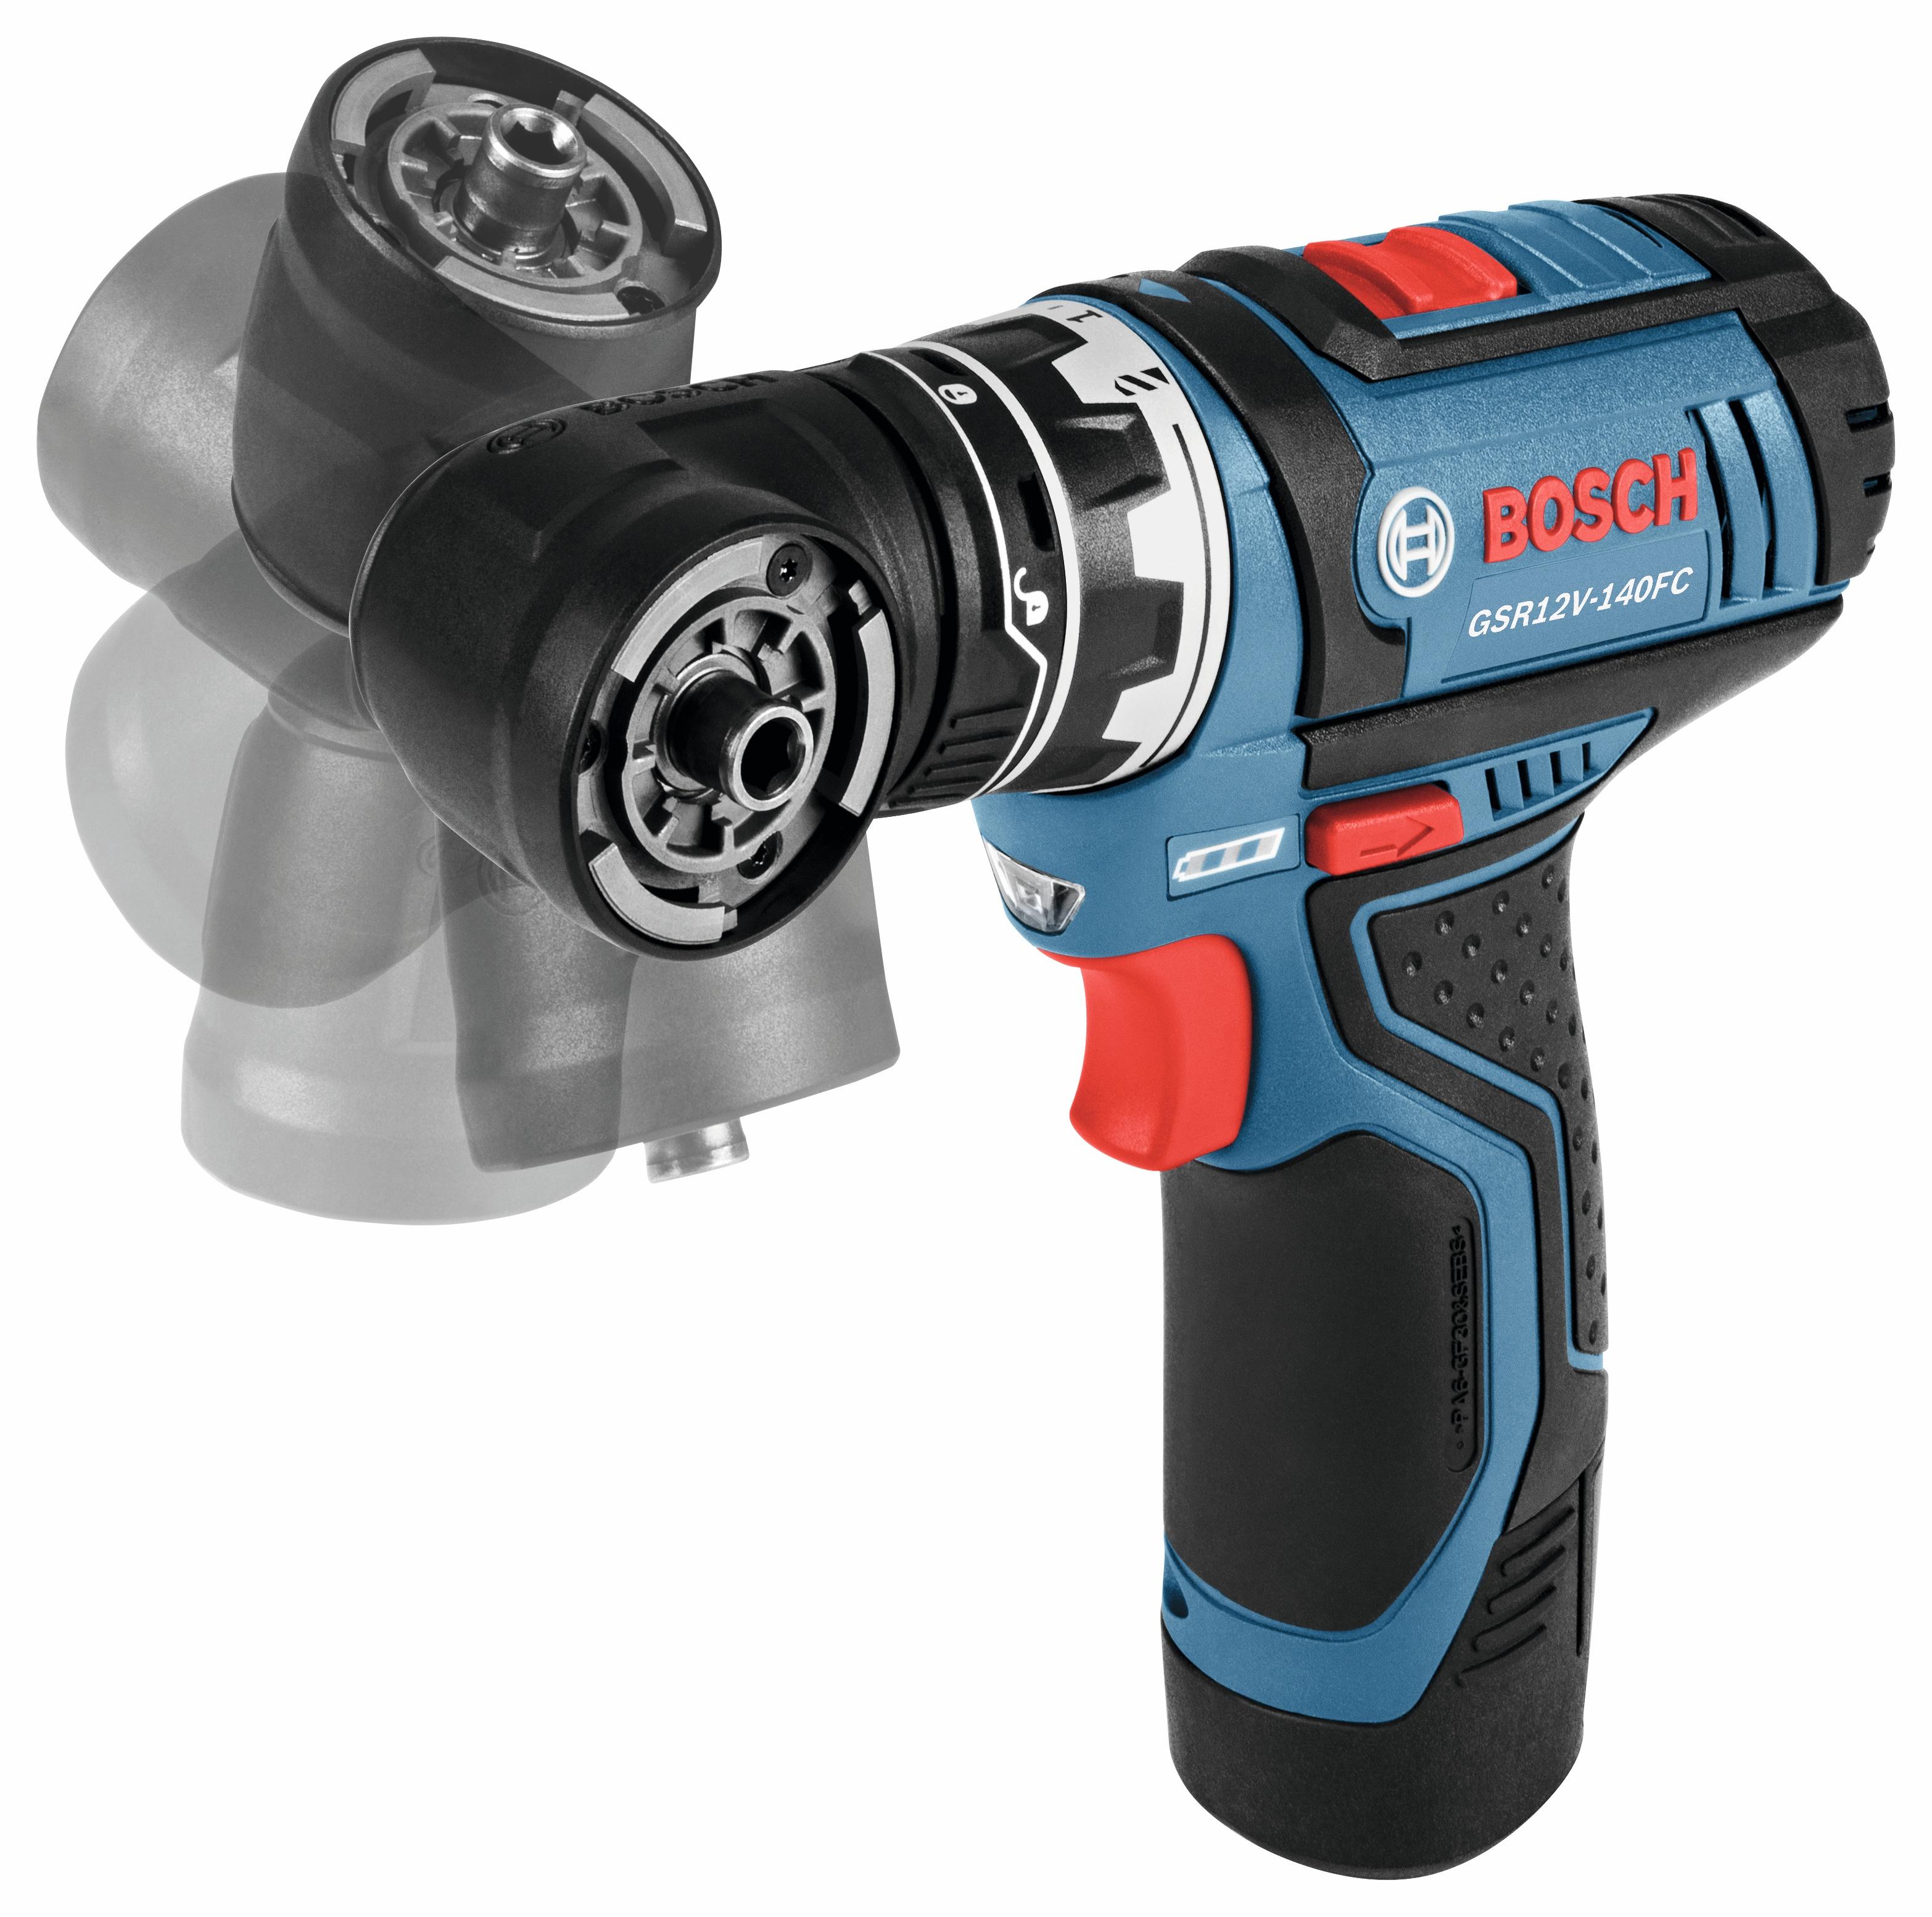 Uitzonderlijk Bosch 12V Max FlexiClick - Tool Box Buzz Tool Box Buzz JJ47